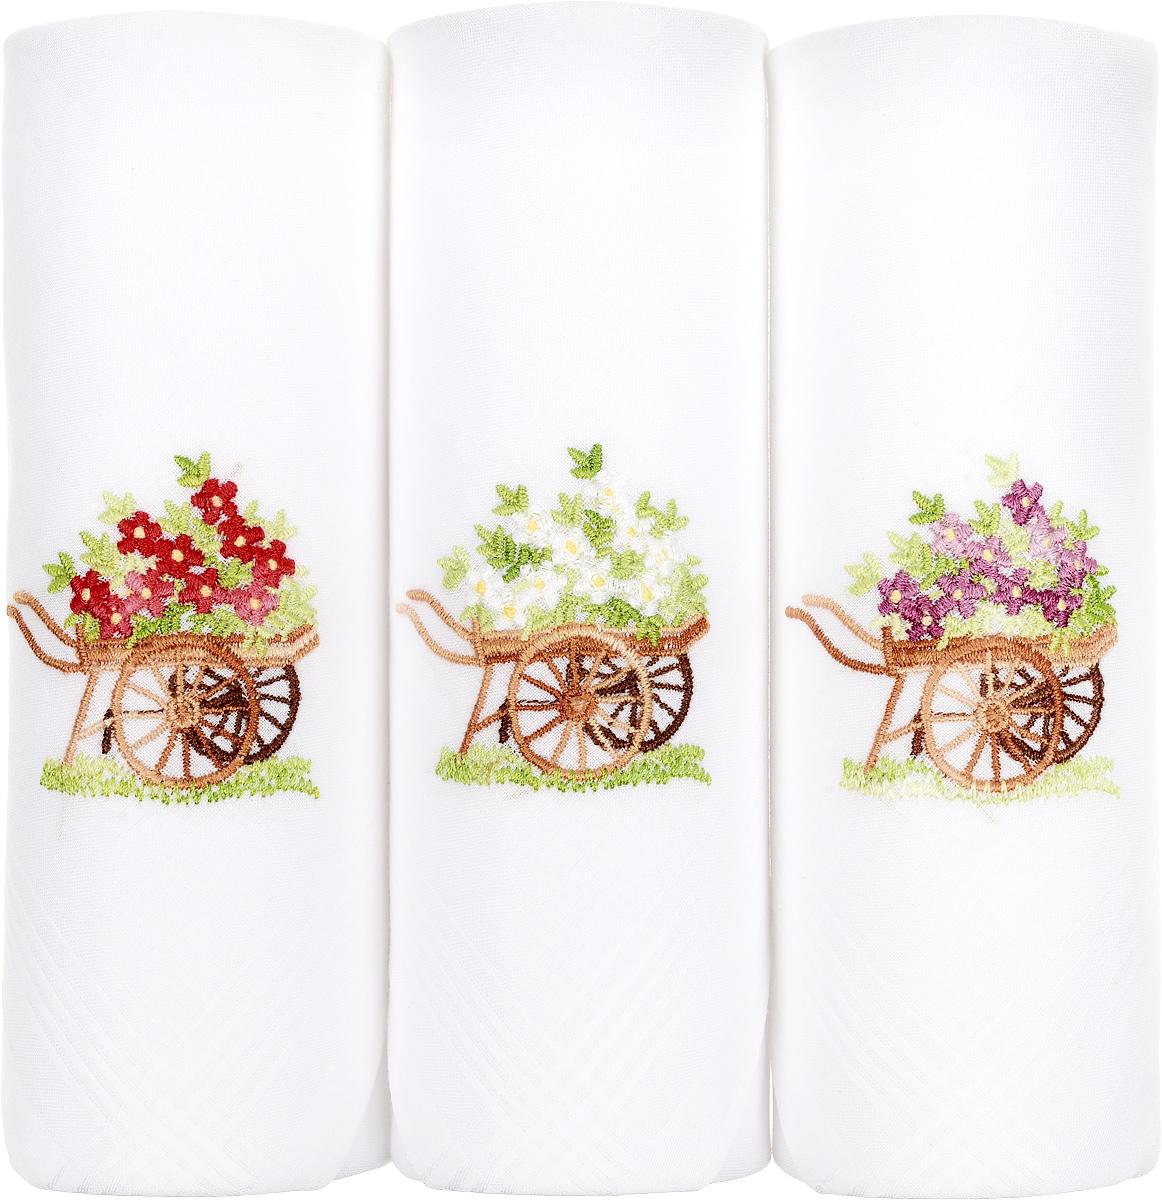 Платок носовой женский Zlata Korunka, цвет: белый, 3 шт. 06601-10. Размер 30 см х 30 см06601-10Небольшой женский носовой платок Zlata Korunka изготовлен из высококачественного натурального хлопка, благодаря чему приятен в использовании, хорошо стирается, не садится и отлично впитывает влагу. Практичный и изящный носовой платок будет незаменим в повседневной жизни любого современного человека. Такой платок послужит стильным аксессуаром и подчеркнет ваше превосходное чувство вкуса. В комплекте 3 платка.